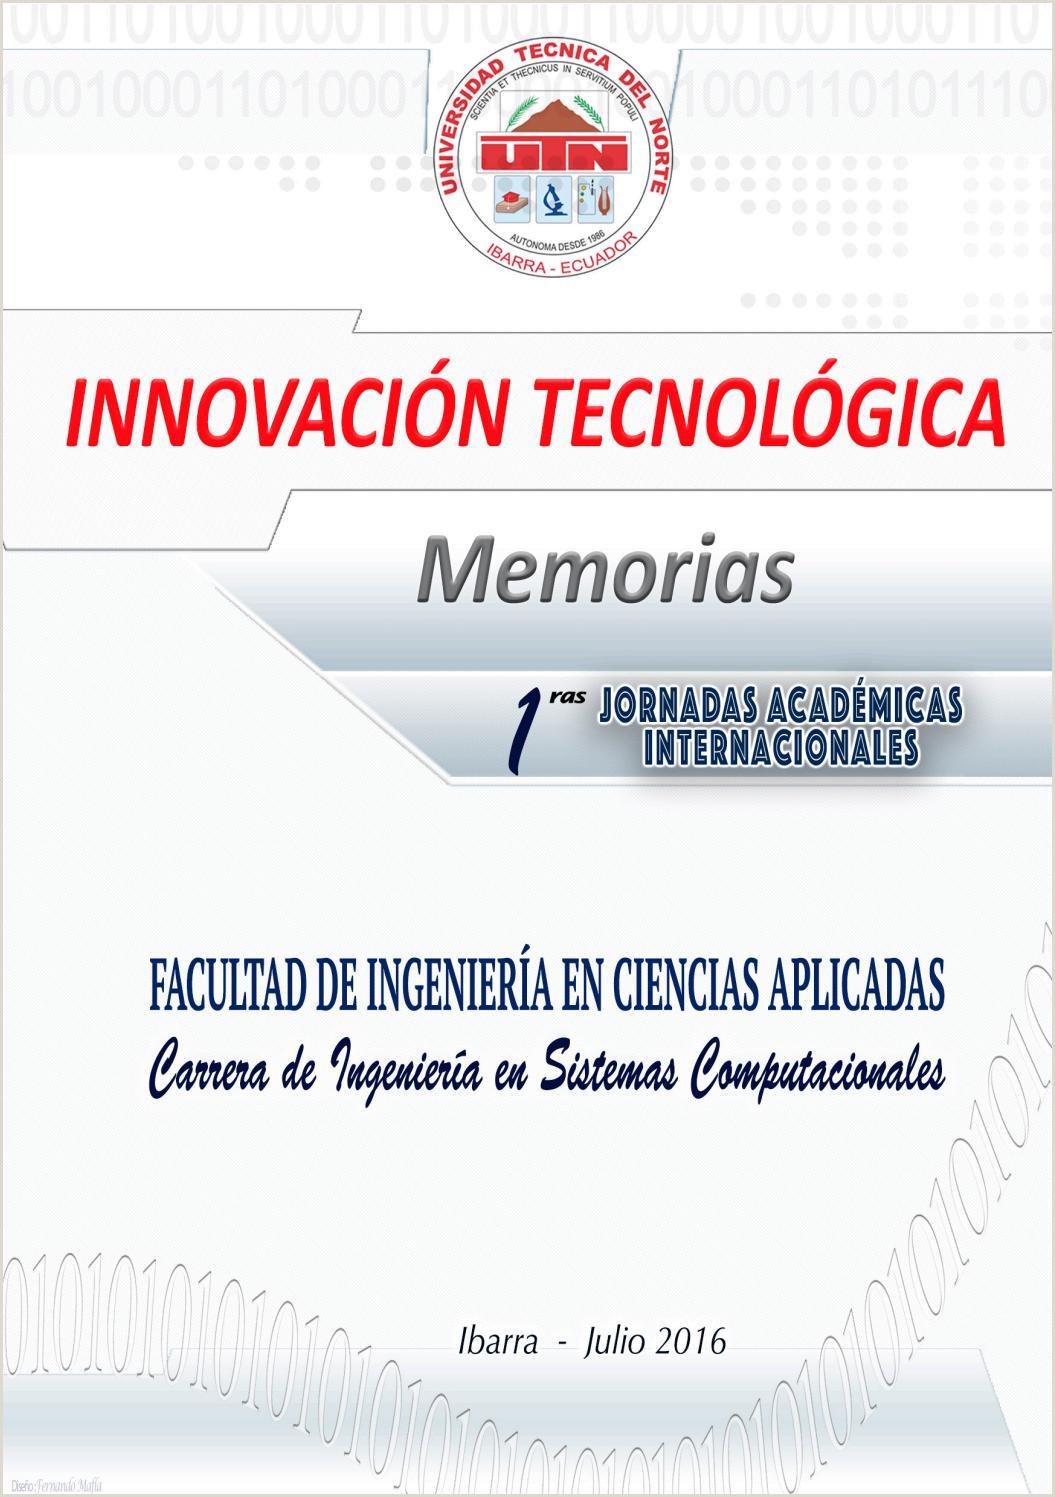 Hoja De Vida formato Unico Persona Natural Excel Ebook Innovaci³n Tecnol³gica Cisic by Editorial Universidad